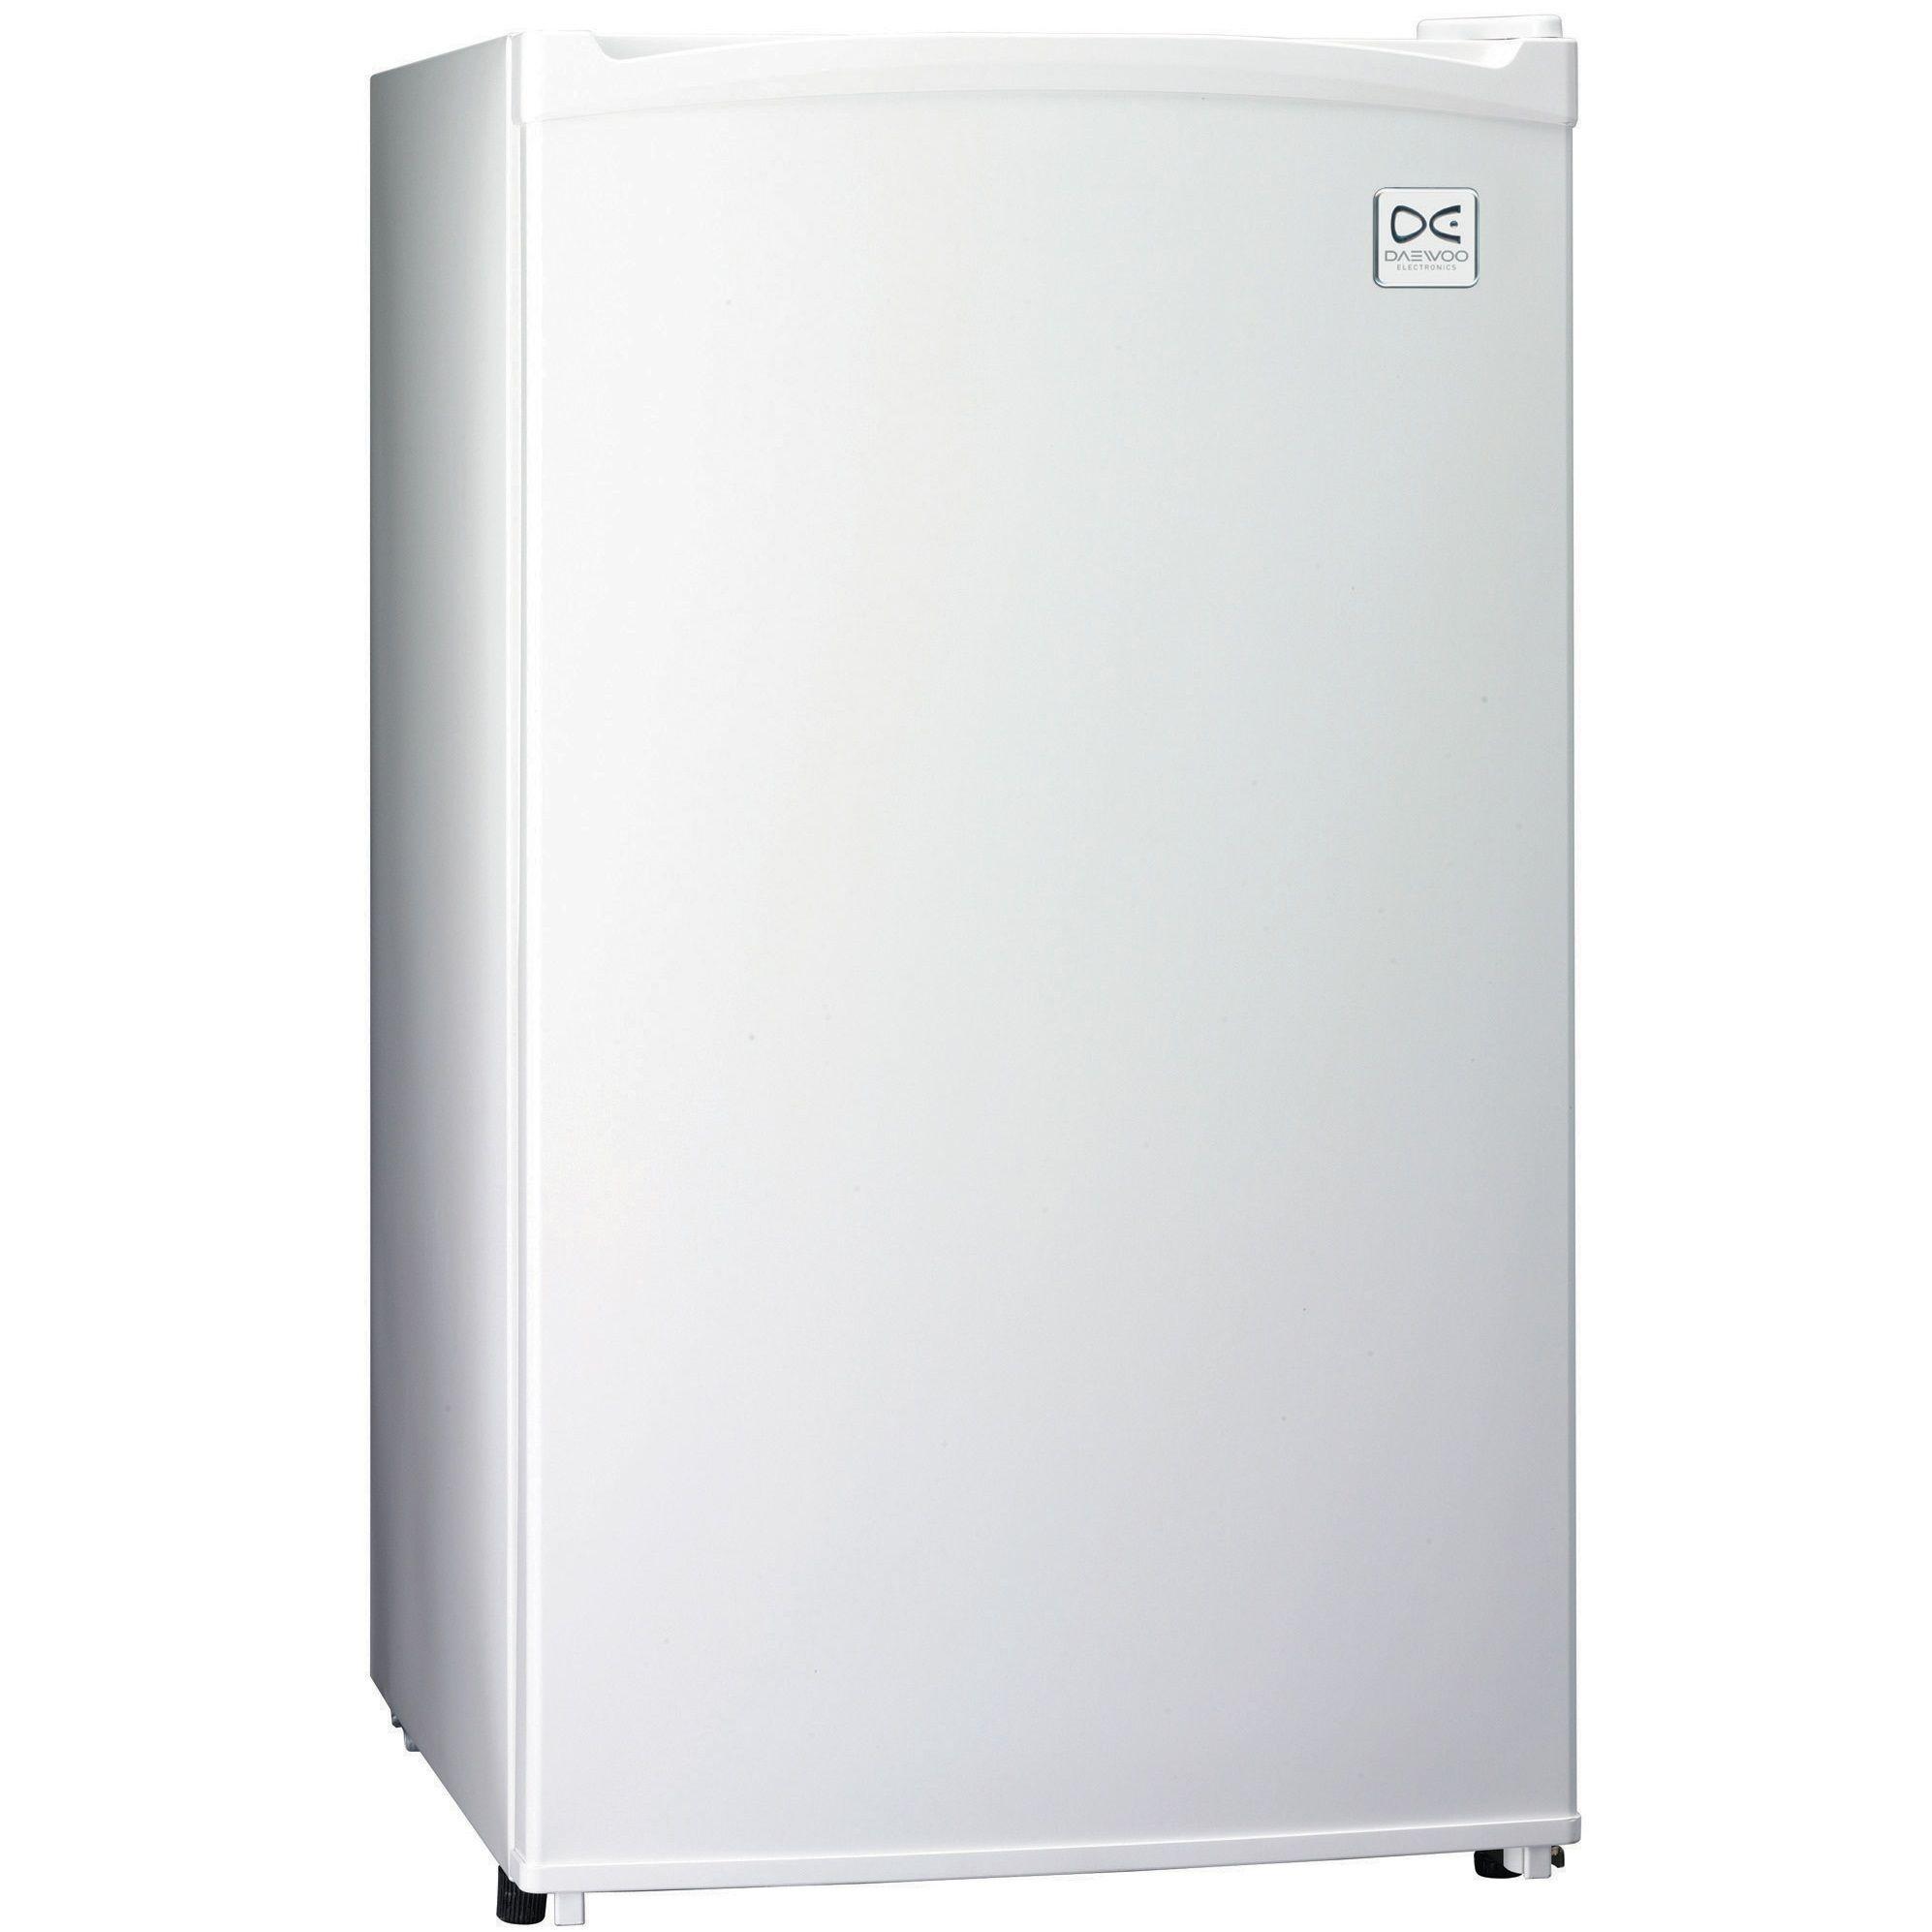 Хладилник DAEWOO FN-146R